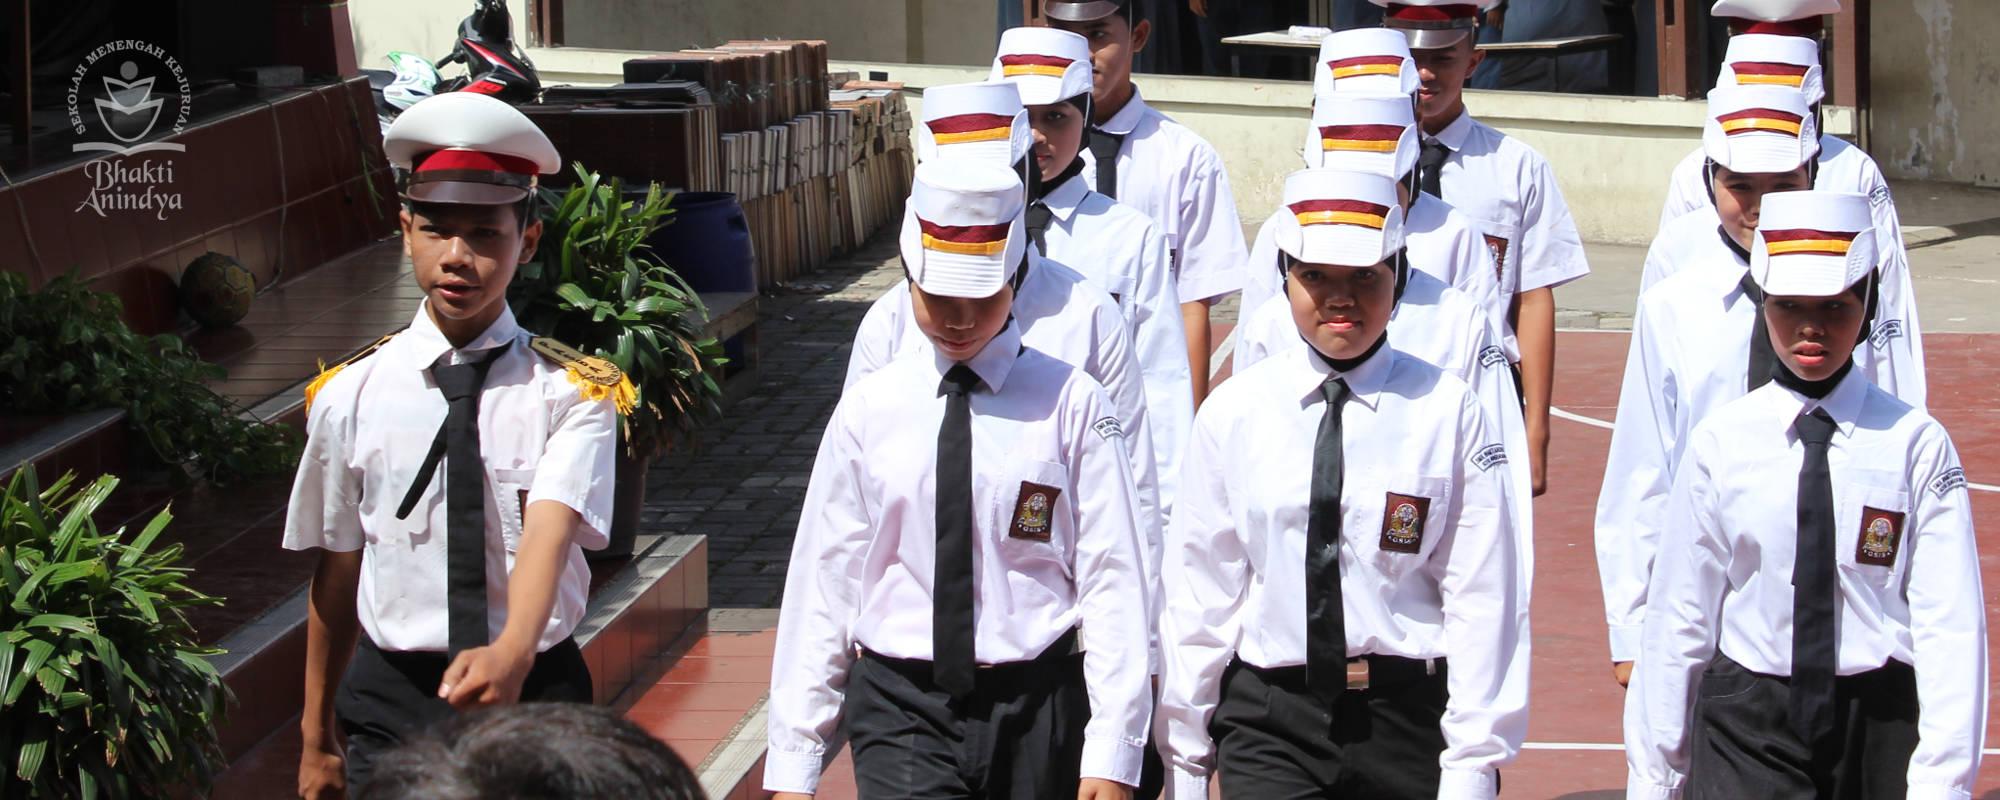 ekskul paskib SMK Bhakti Anindya Tangerang